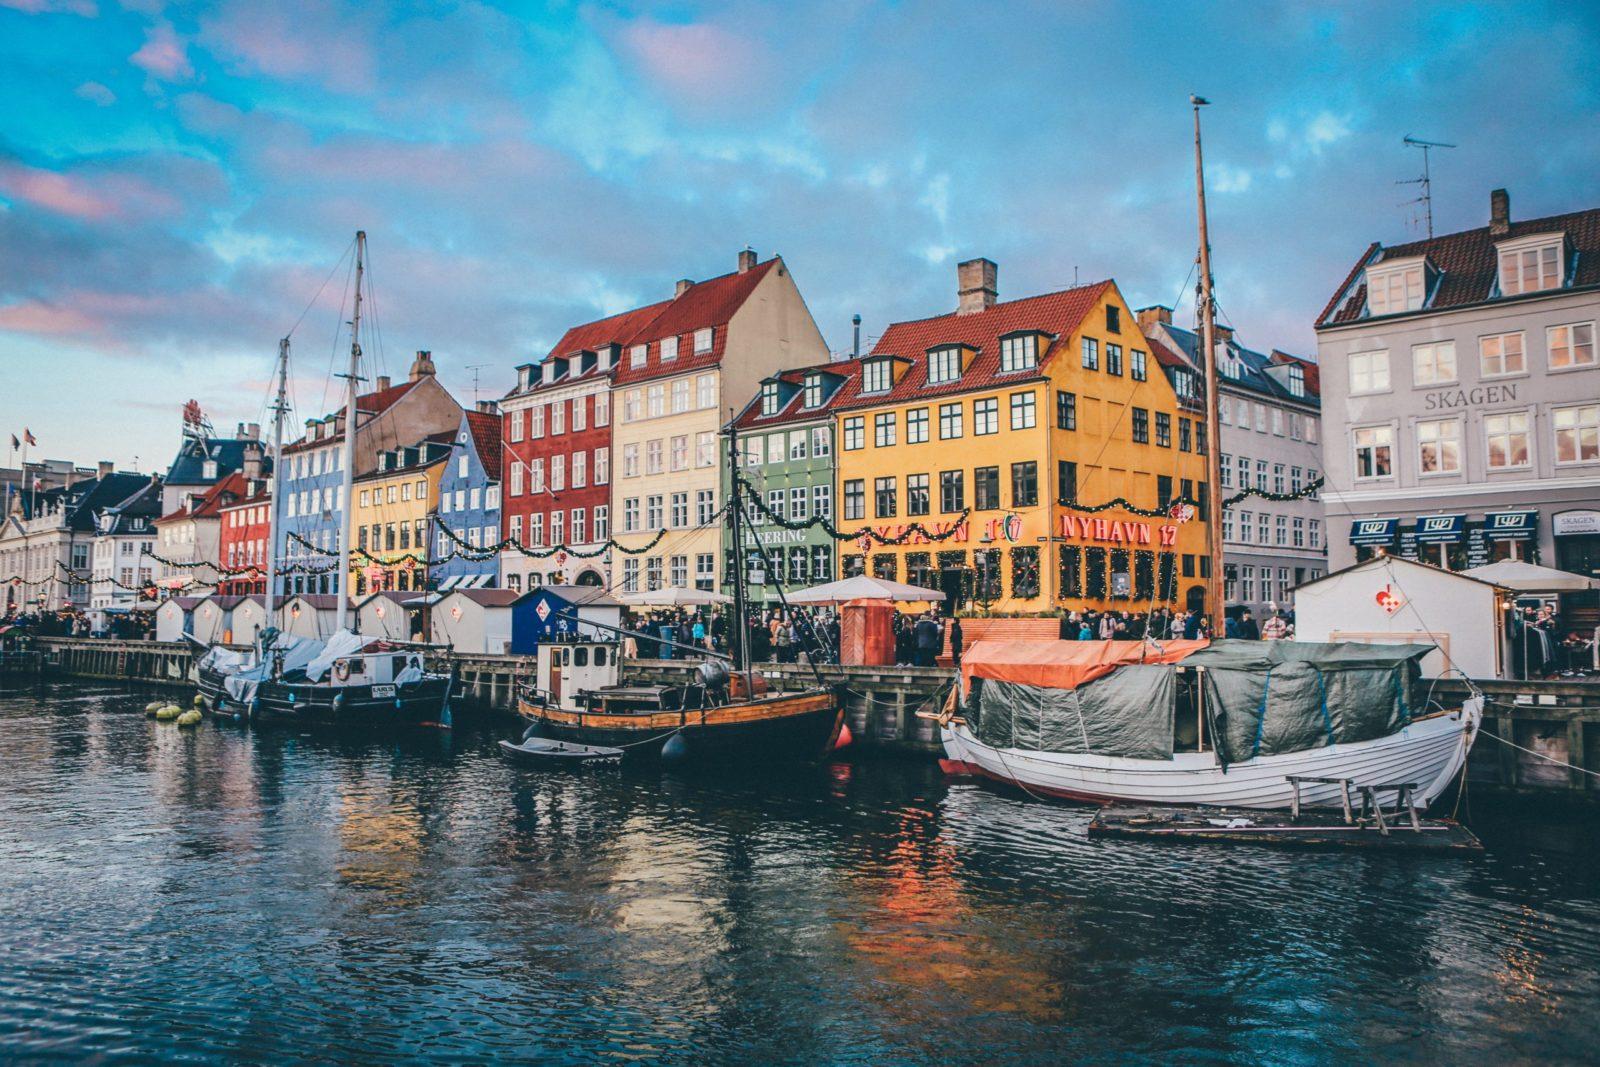 Inspiring European cities